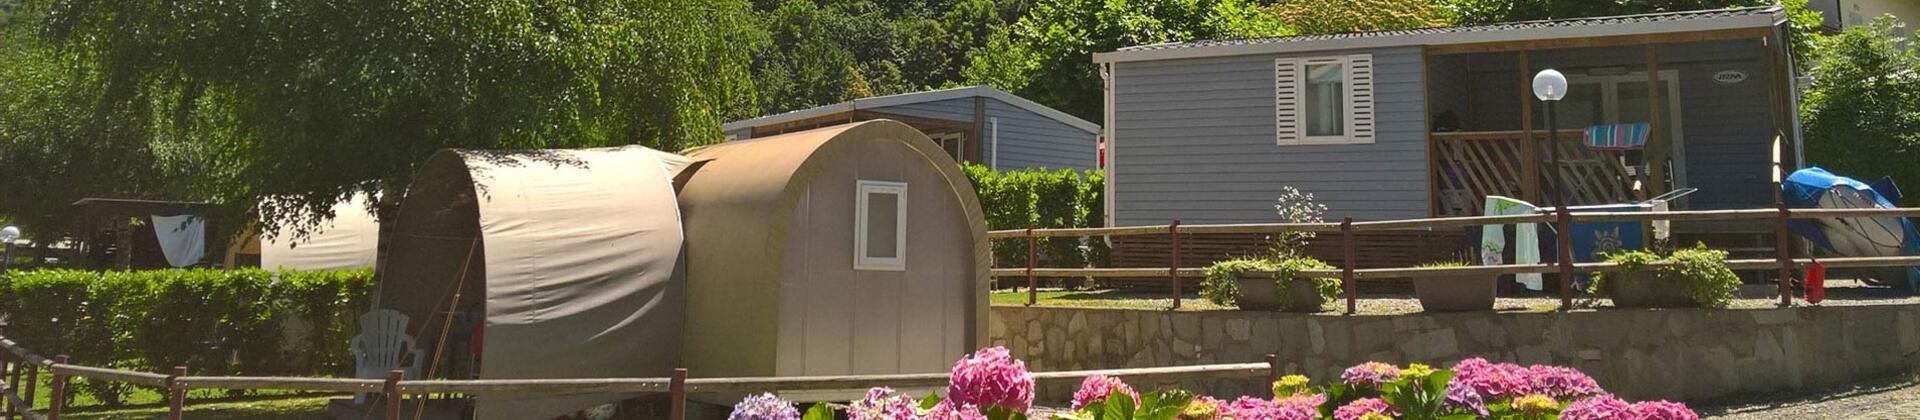 campingdarna en accommodation-units 013